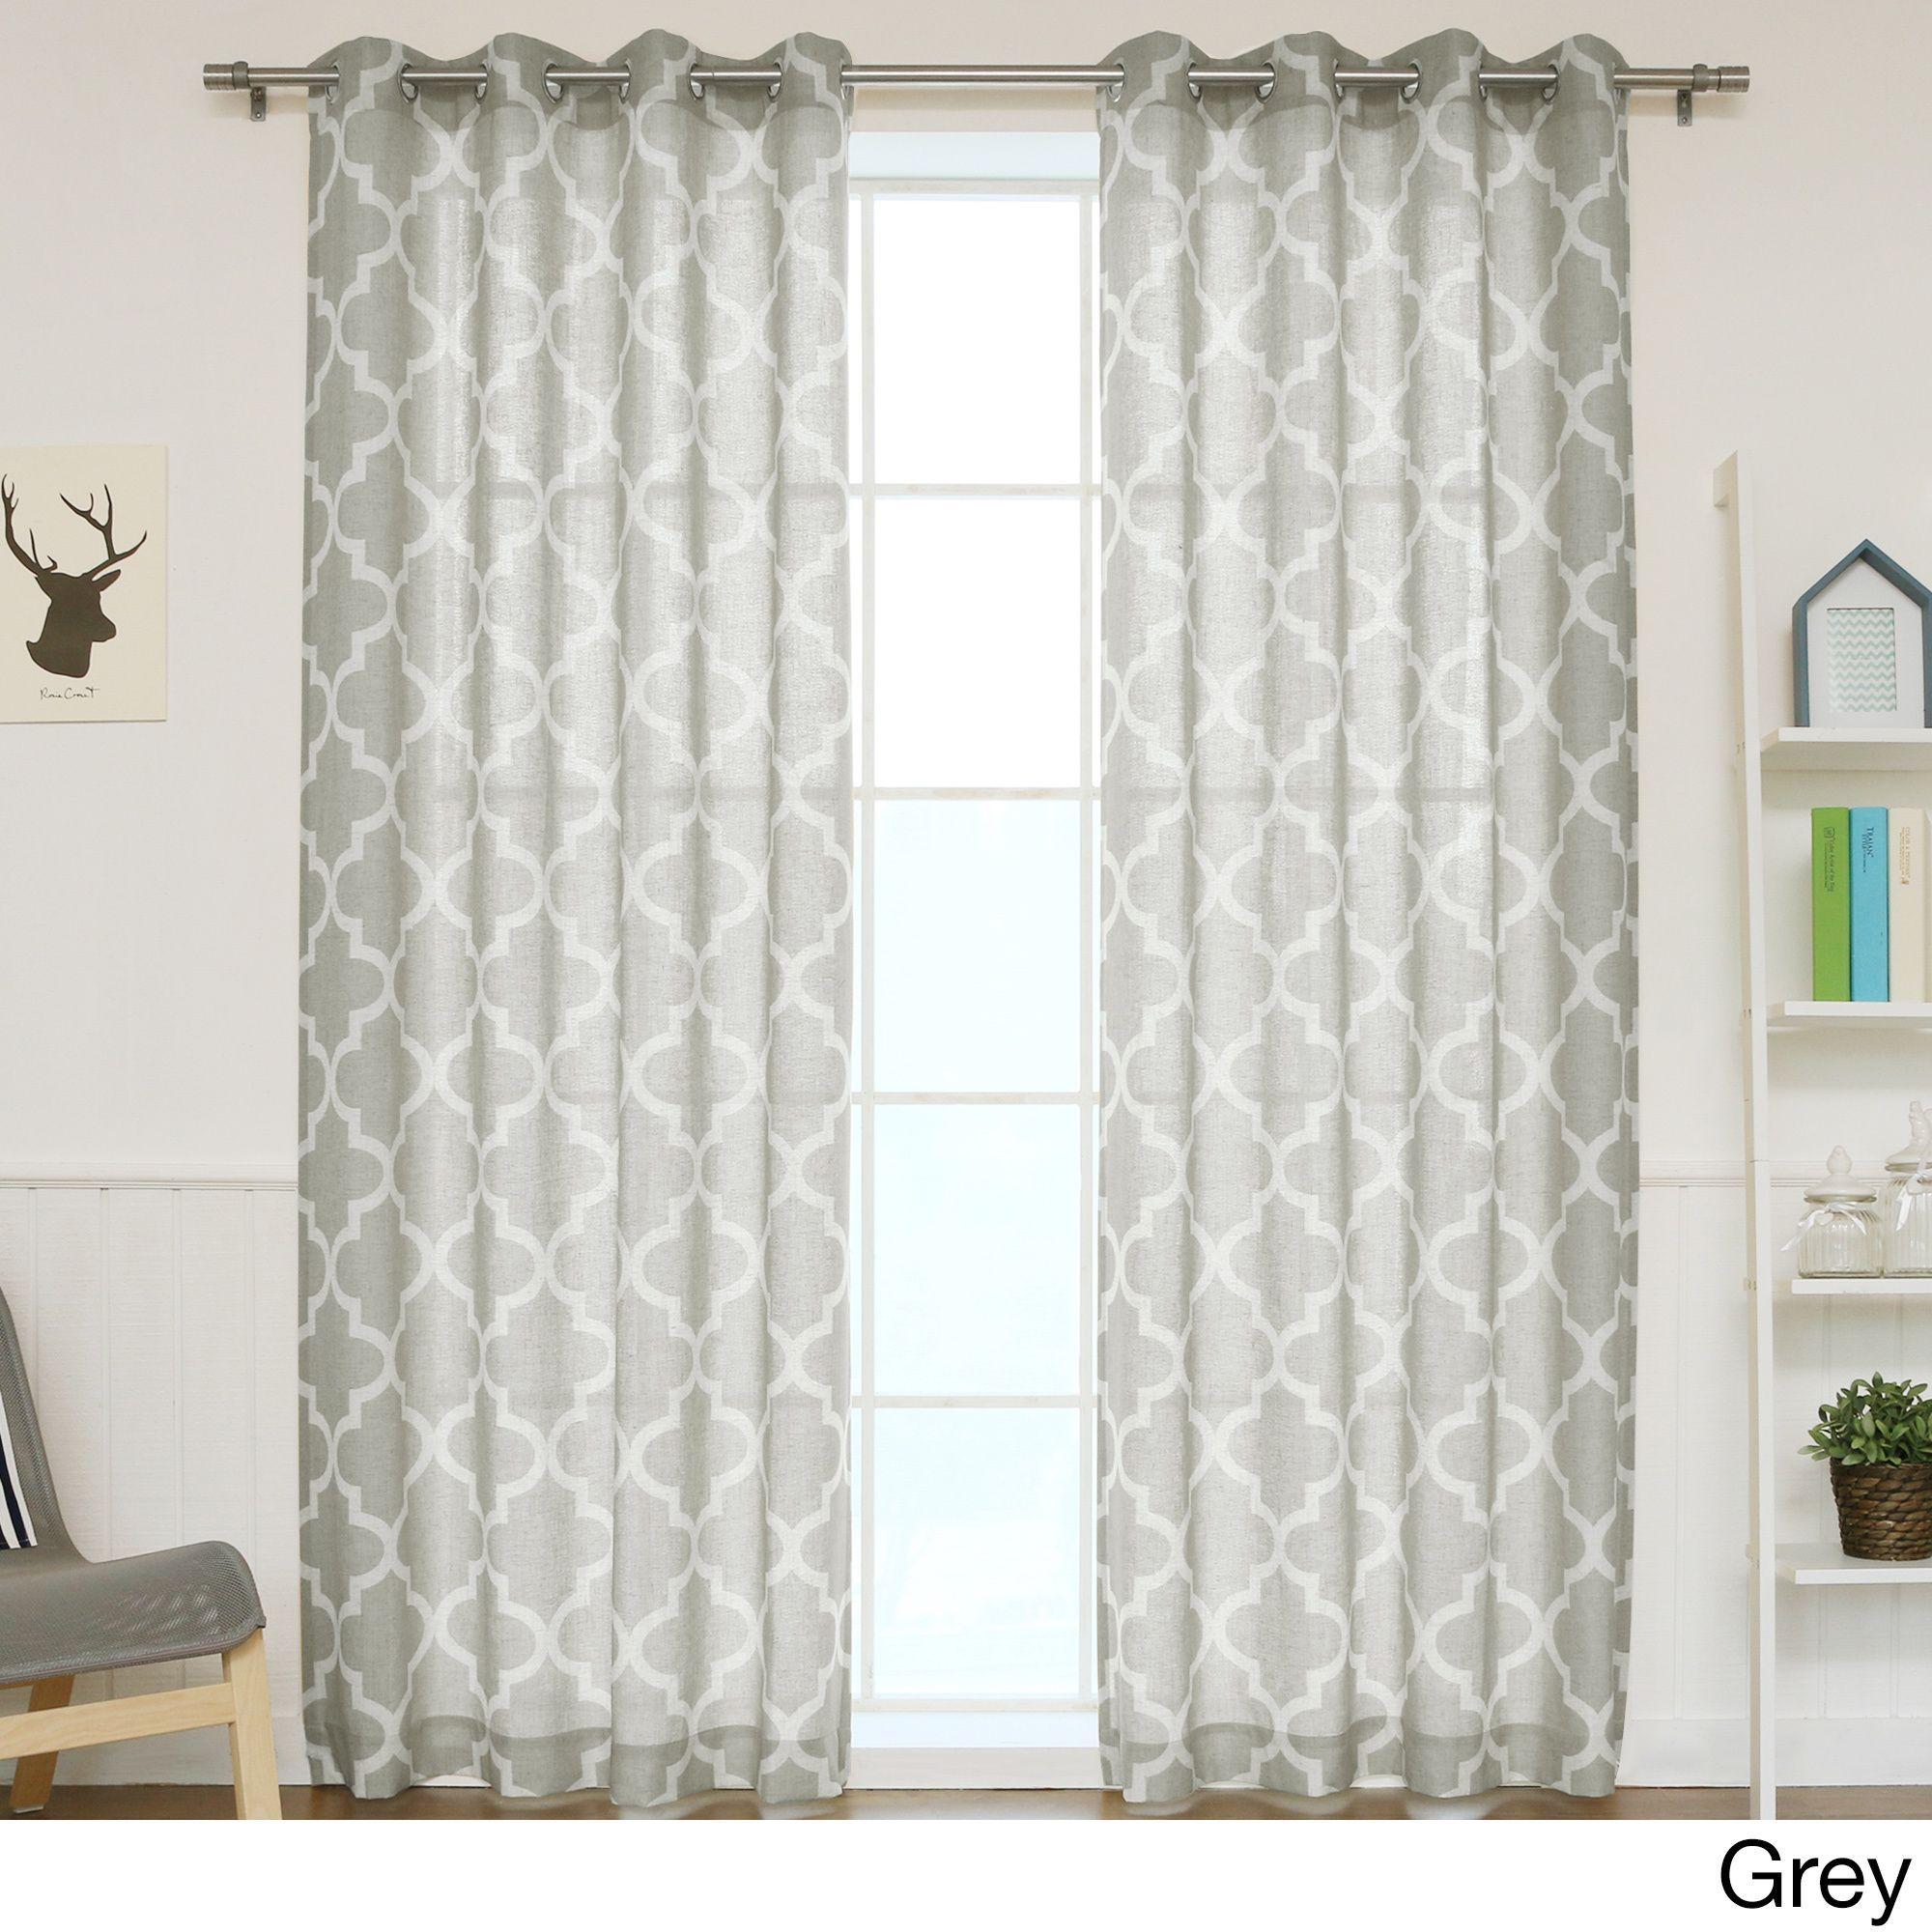 96 inch curtain panel set curtain menzilperdenet